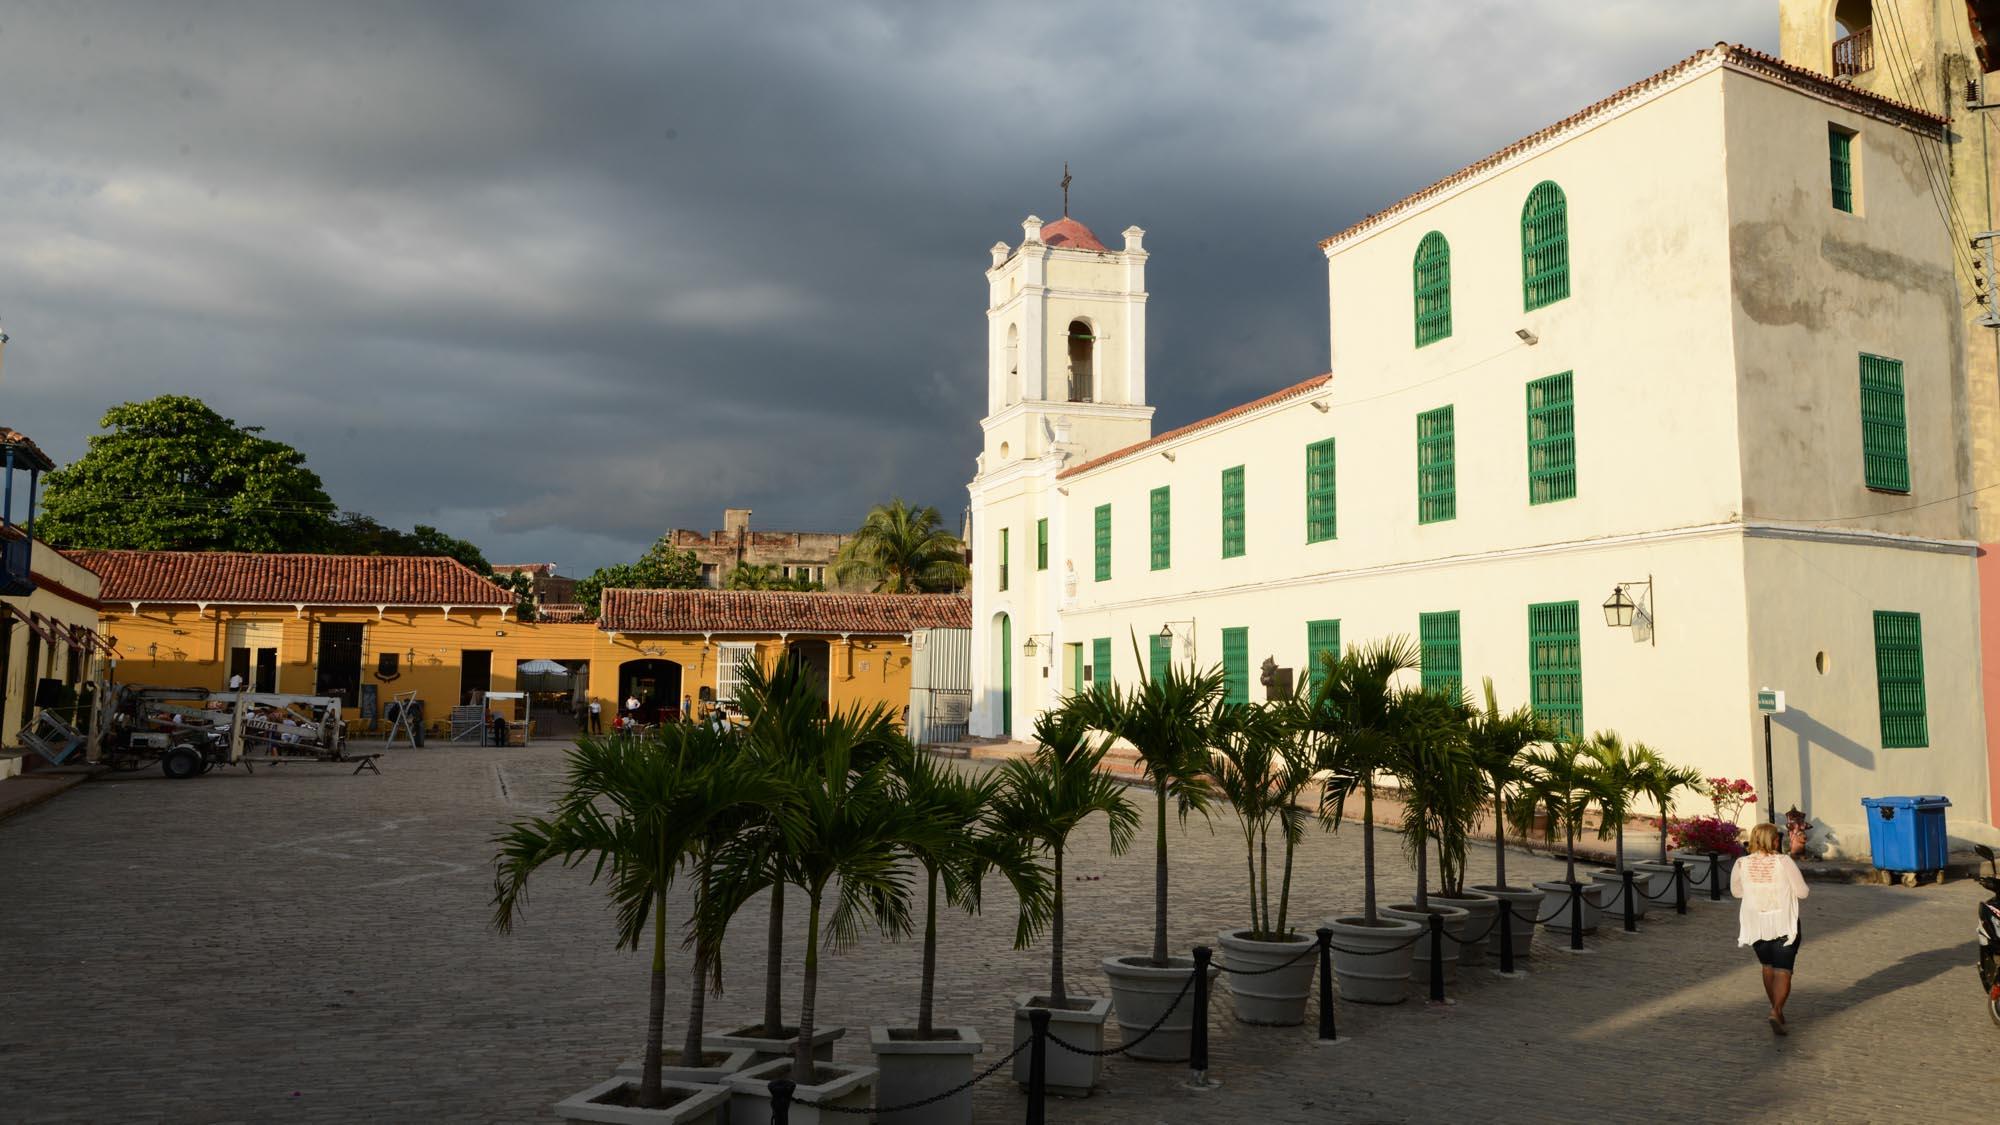 Plaza de San Juan de Dios in Camagüey